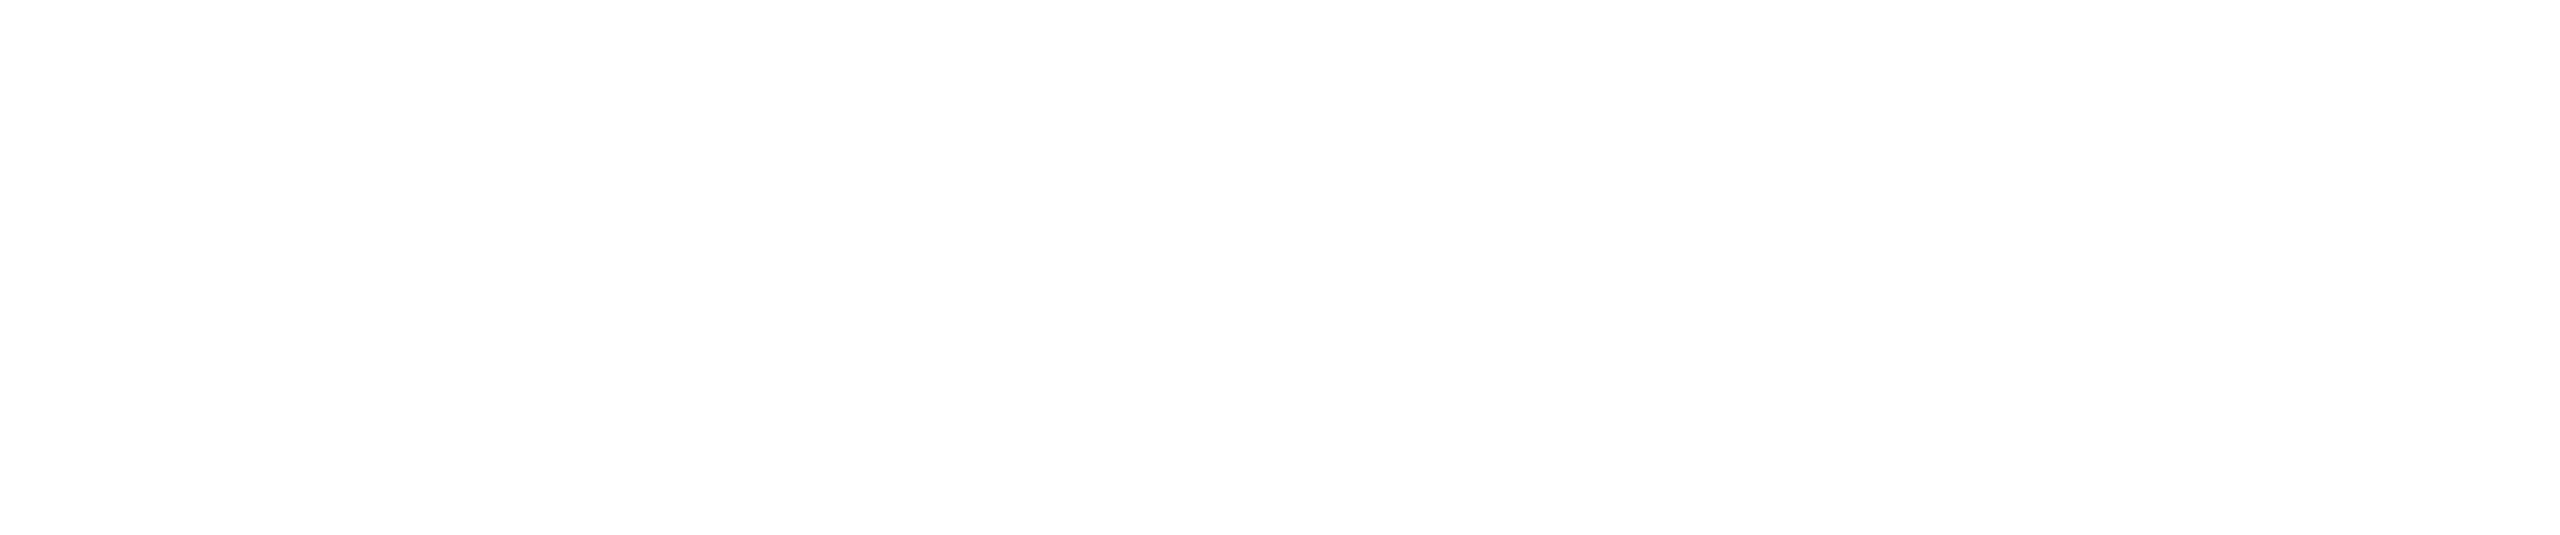 logo-libre-mente-blanco